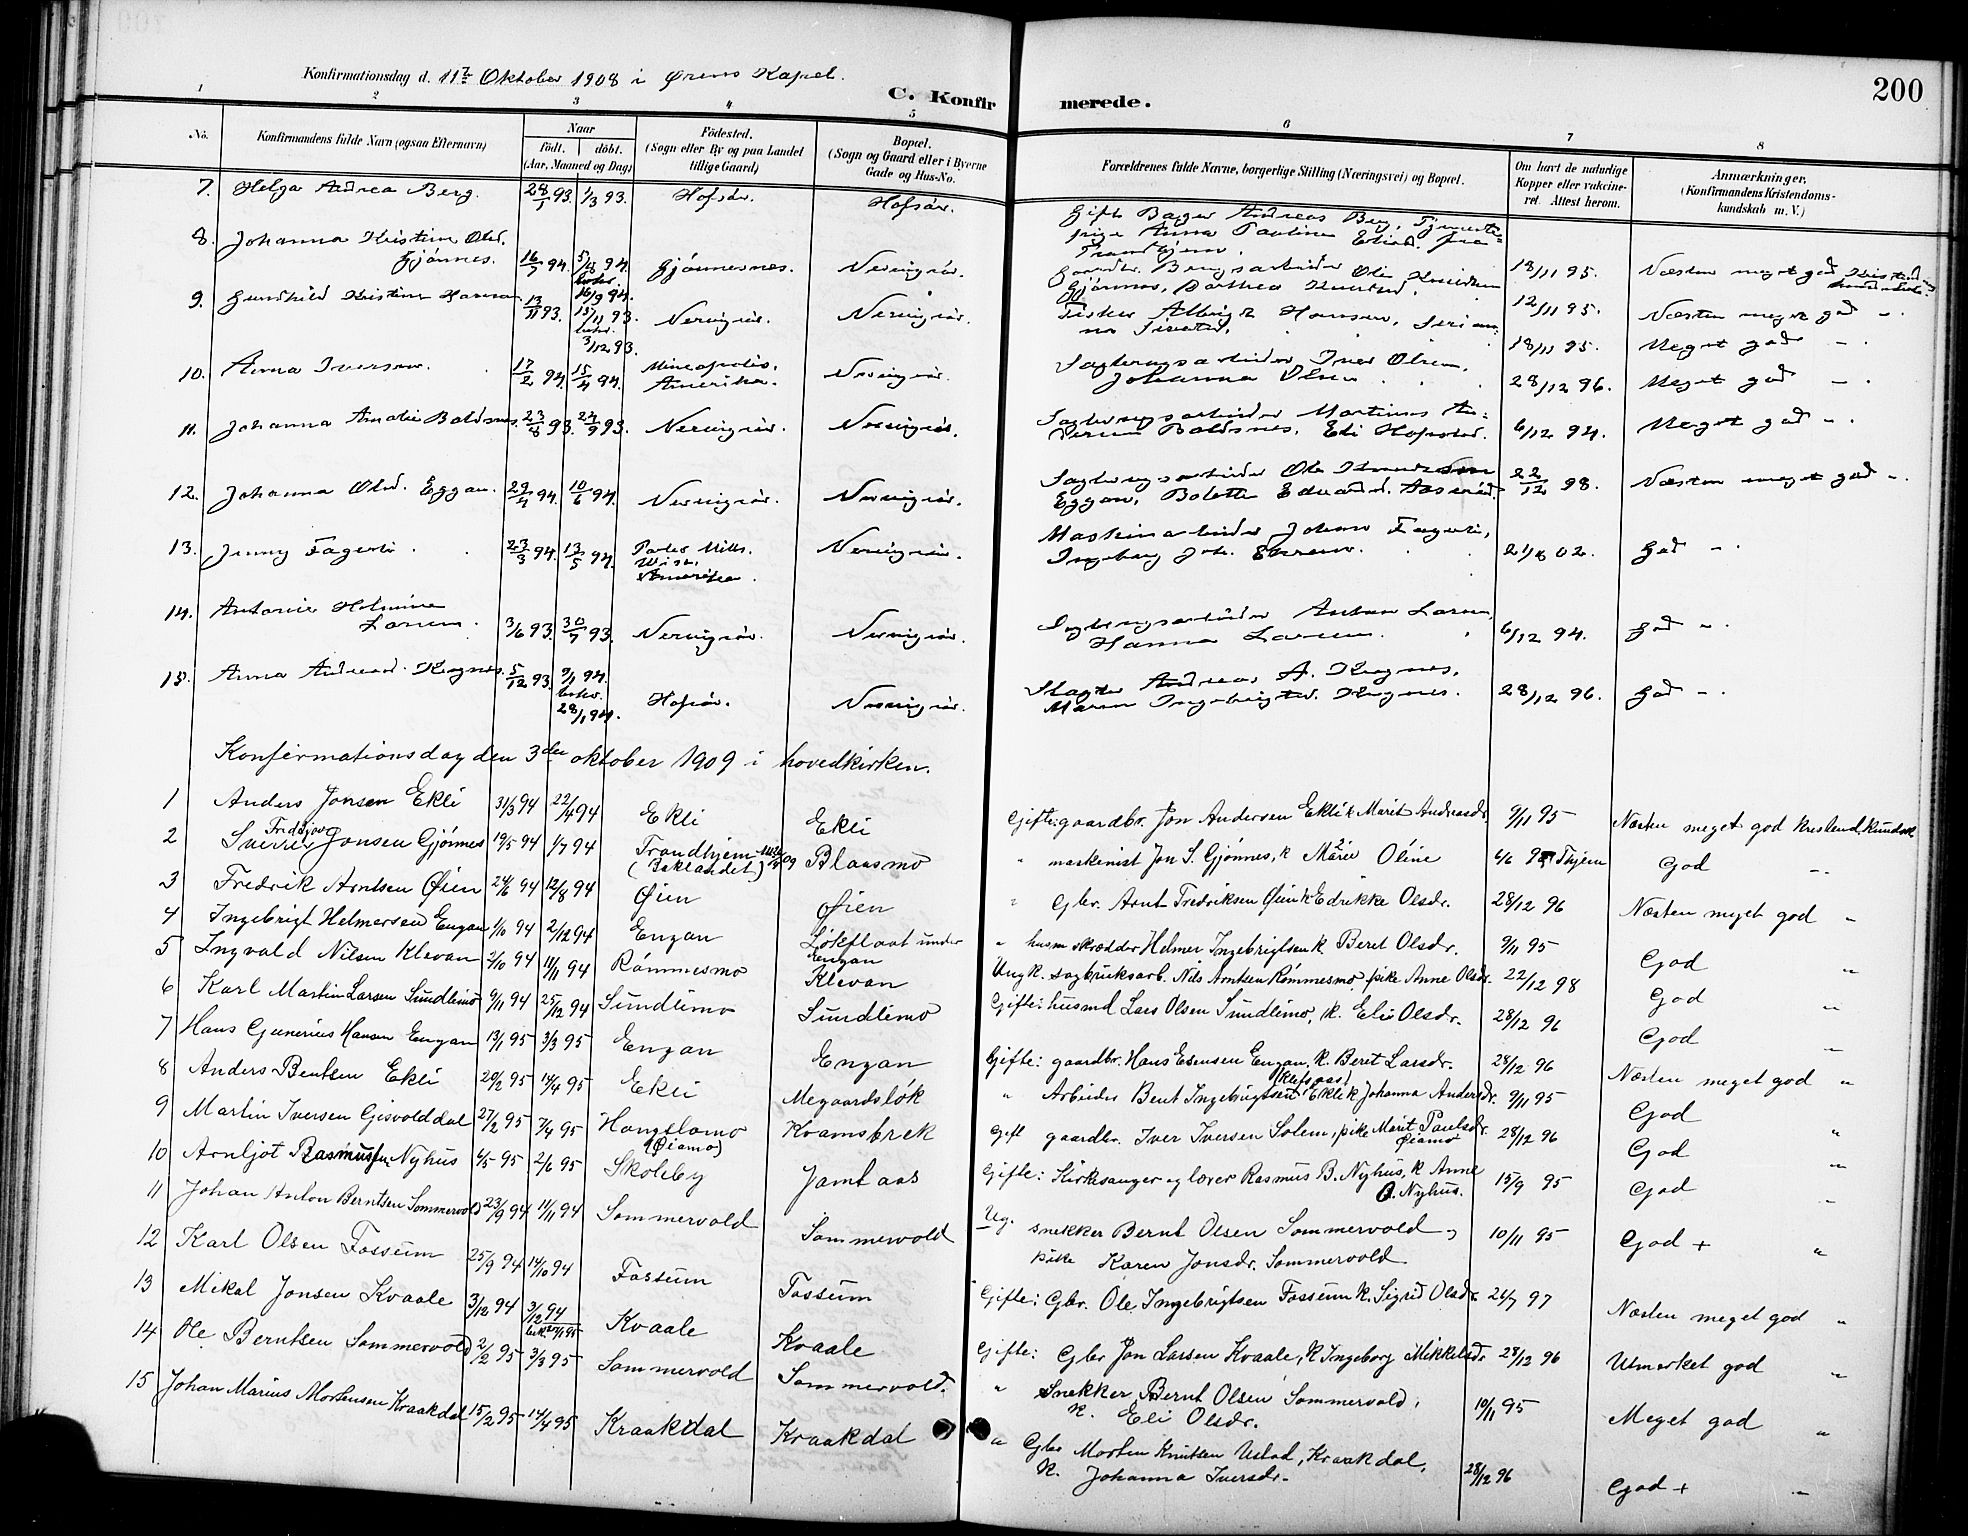 SAT, Ministerialprotokoller, klokkerbøker og fødselsregistre - Sør-Trøndelag, 668/L0819: Klokkerbok nr. 668C08, 1899-1912, s. 200